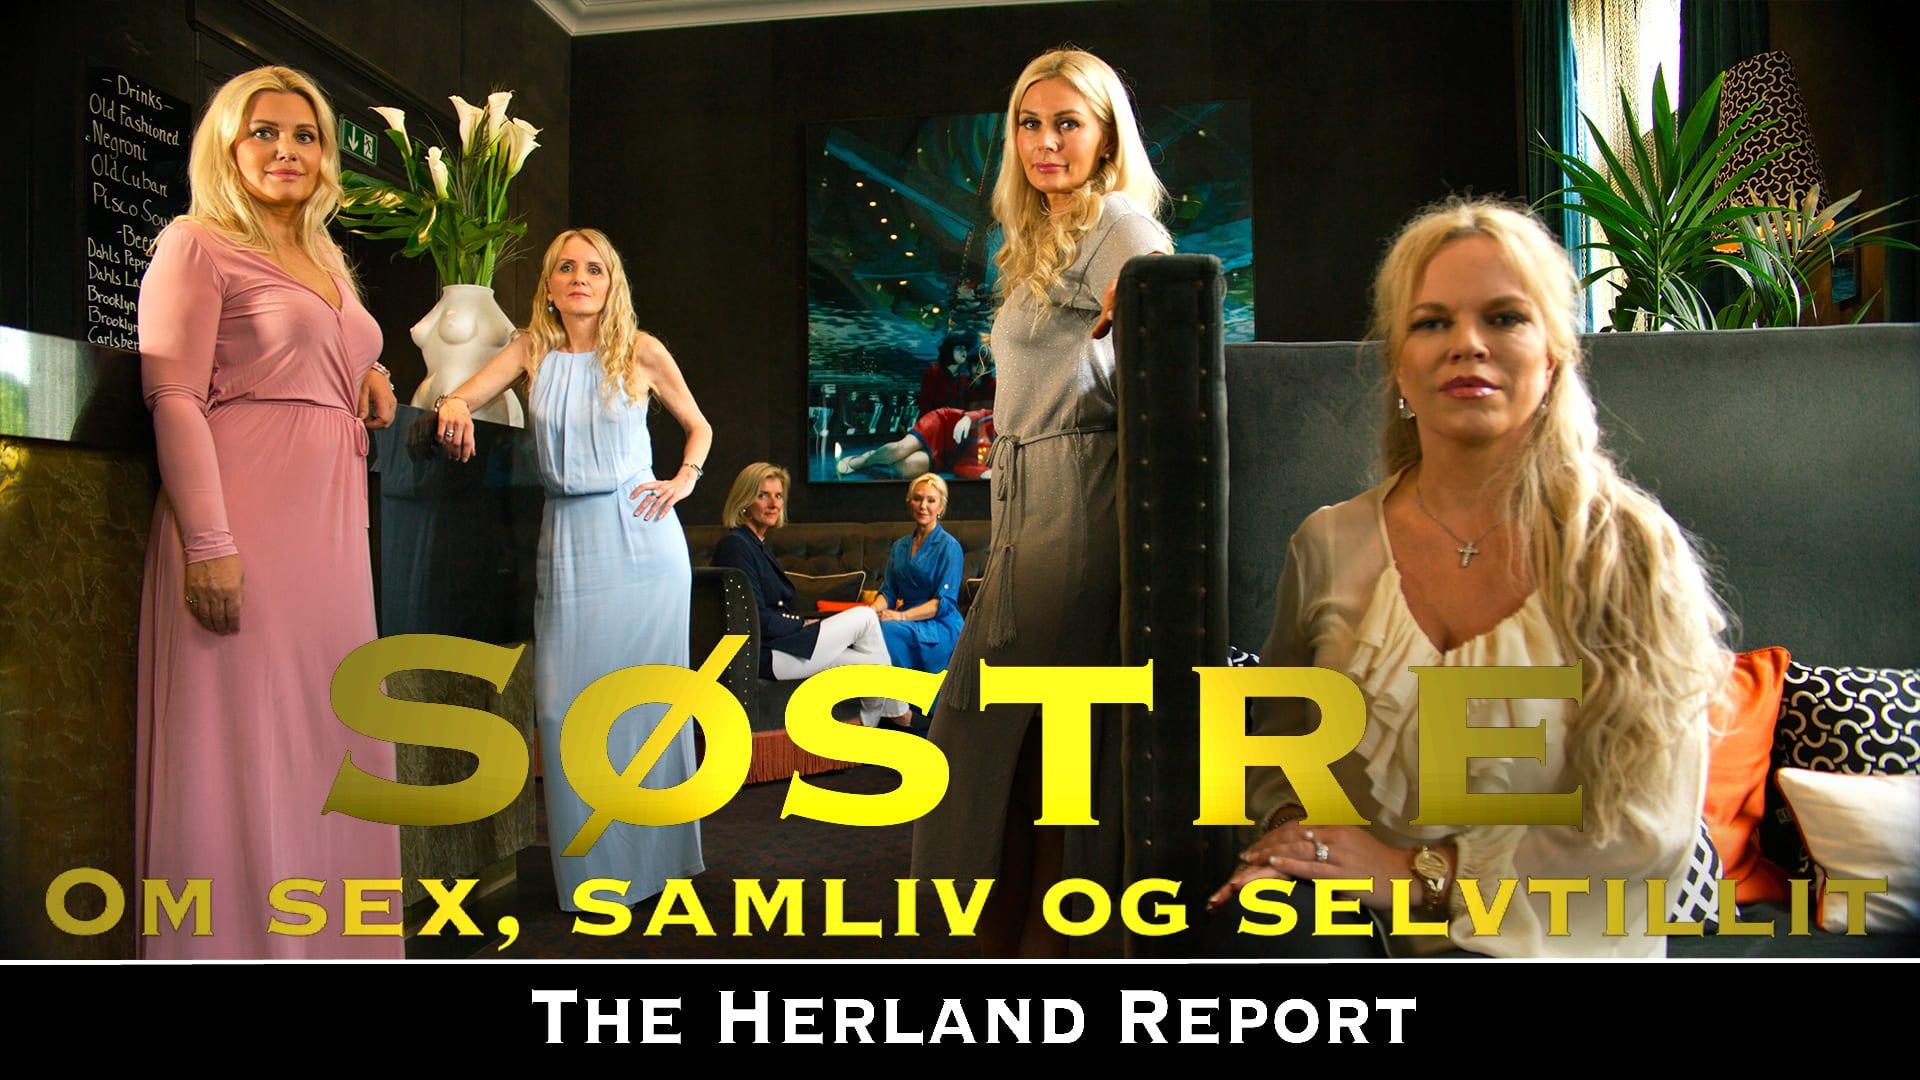 Enda en klikkvinner fra Herland Report TV på YouTube, sier NATT&DAG om nettserien SØSTRE: